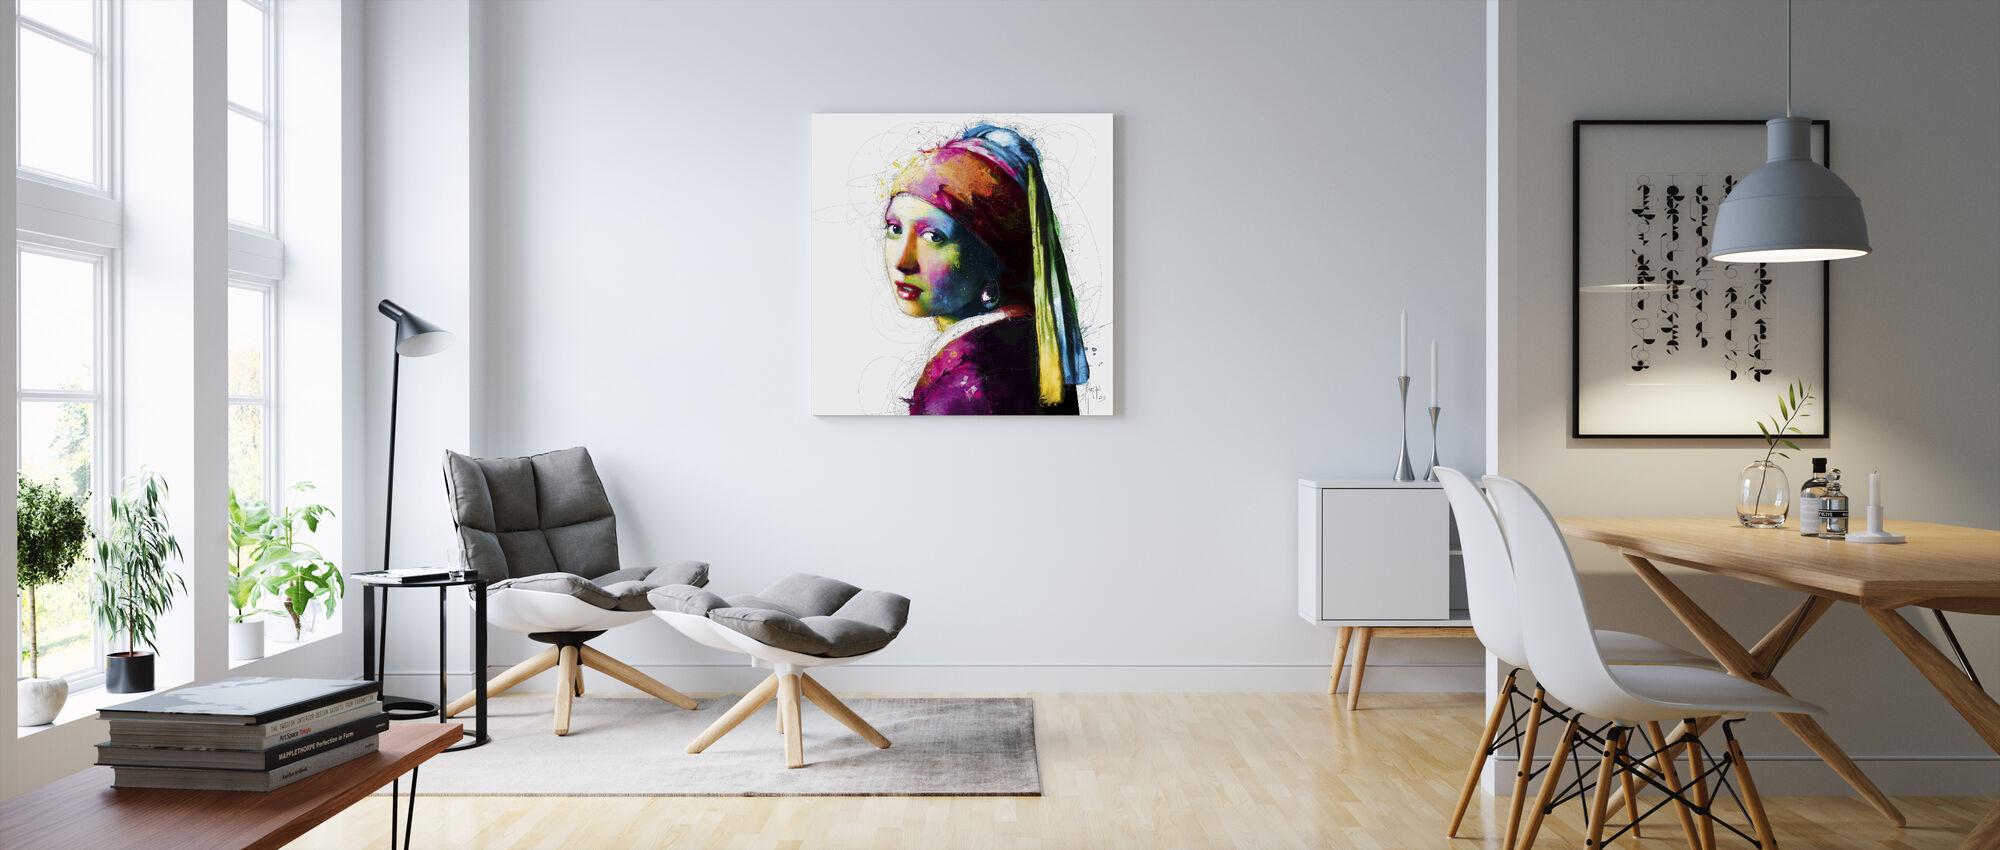 Vermeer Pop - Canvastavla - Vardagsrum